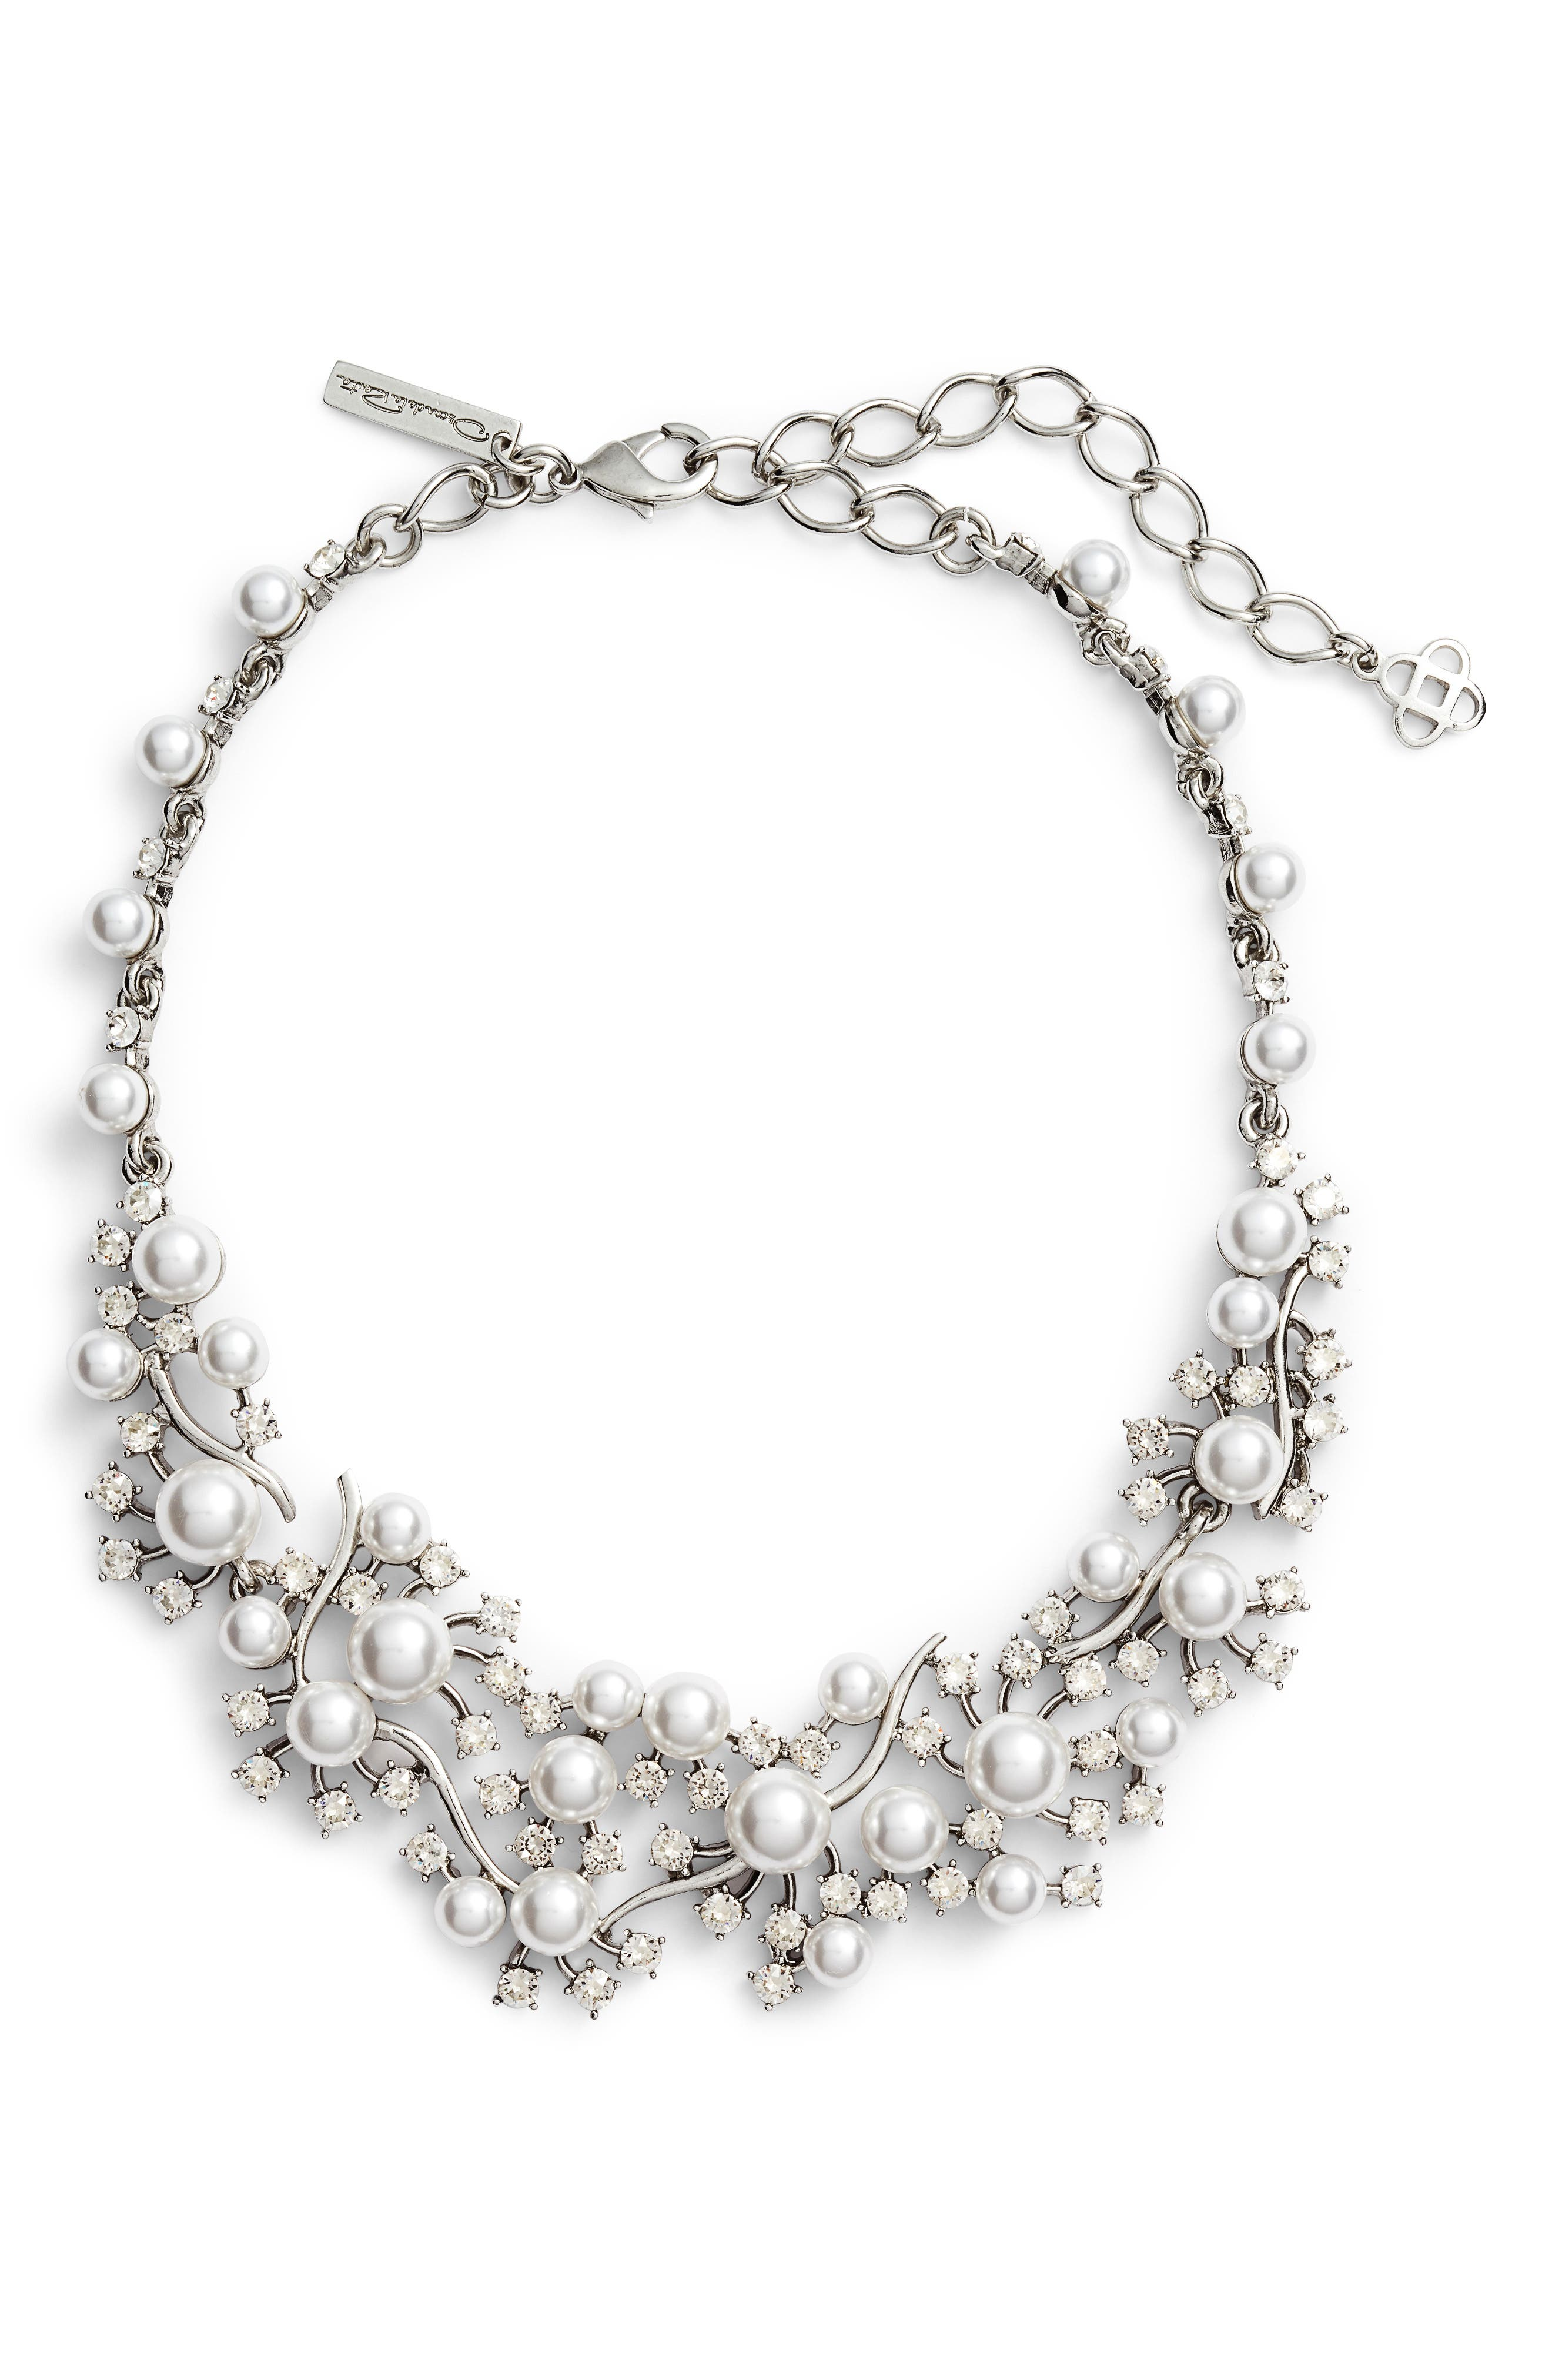 Oscar de la Renta Collar Necklace